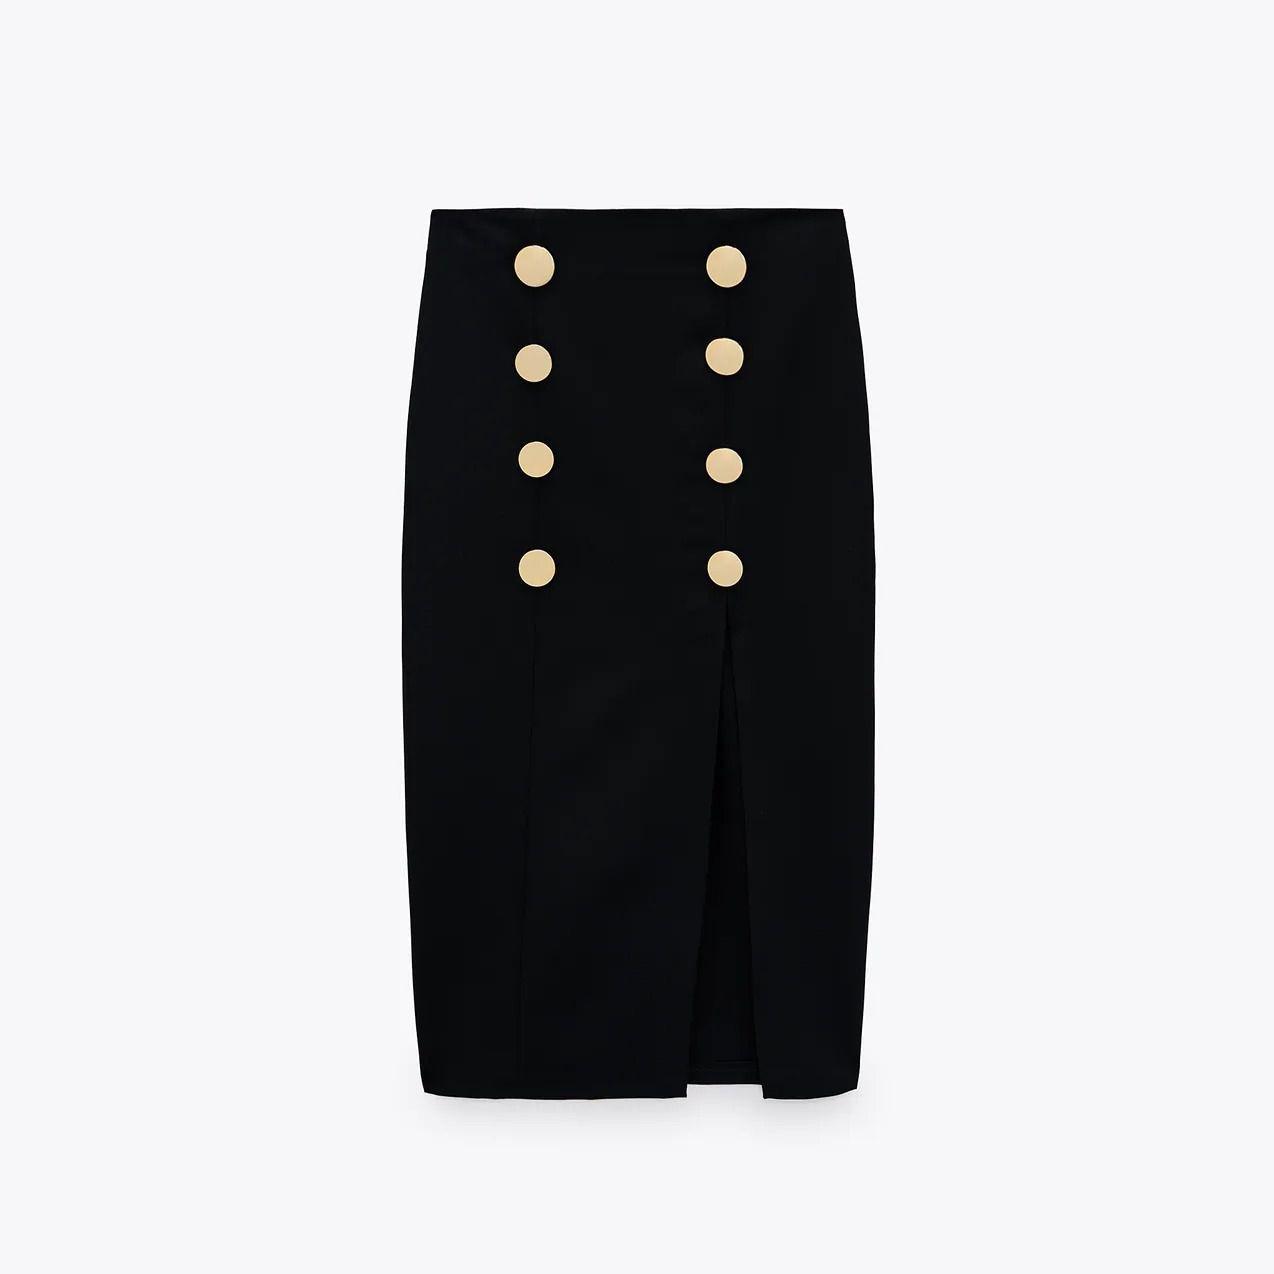 Zara Buttoned Pencil Skirt